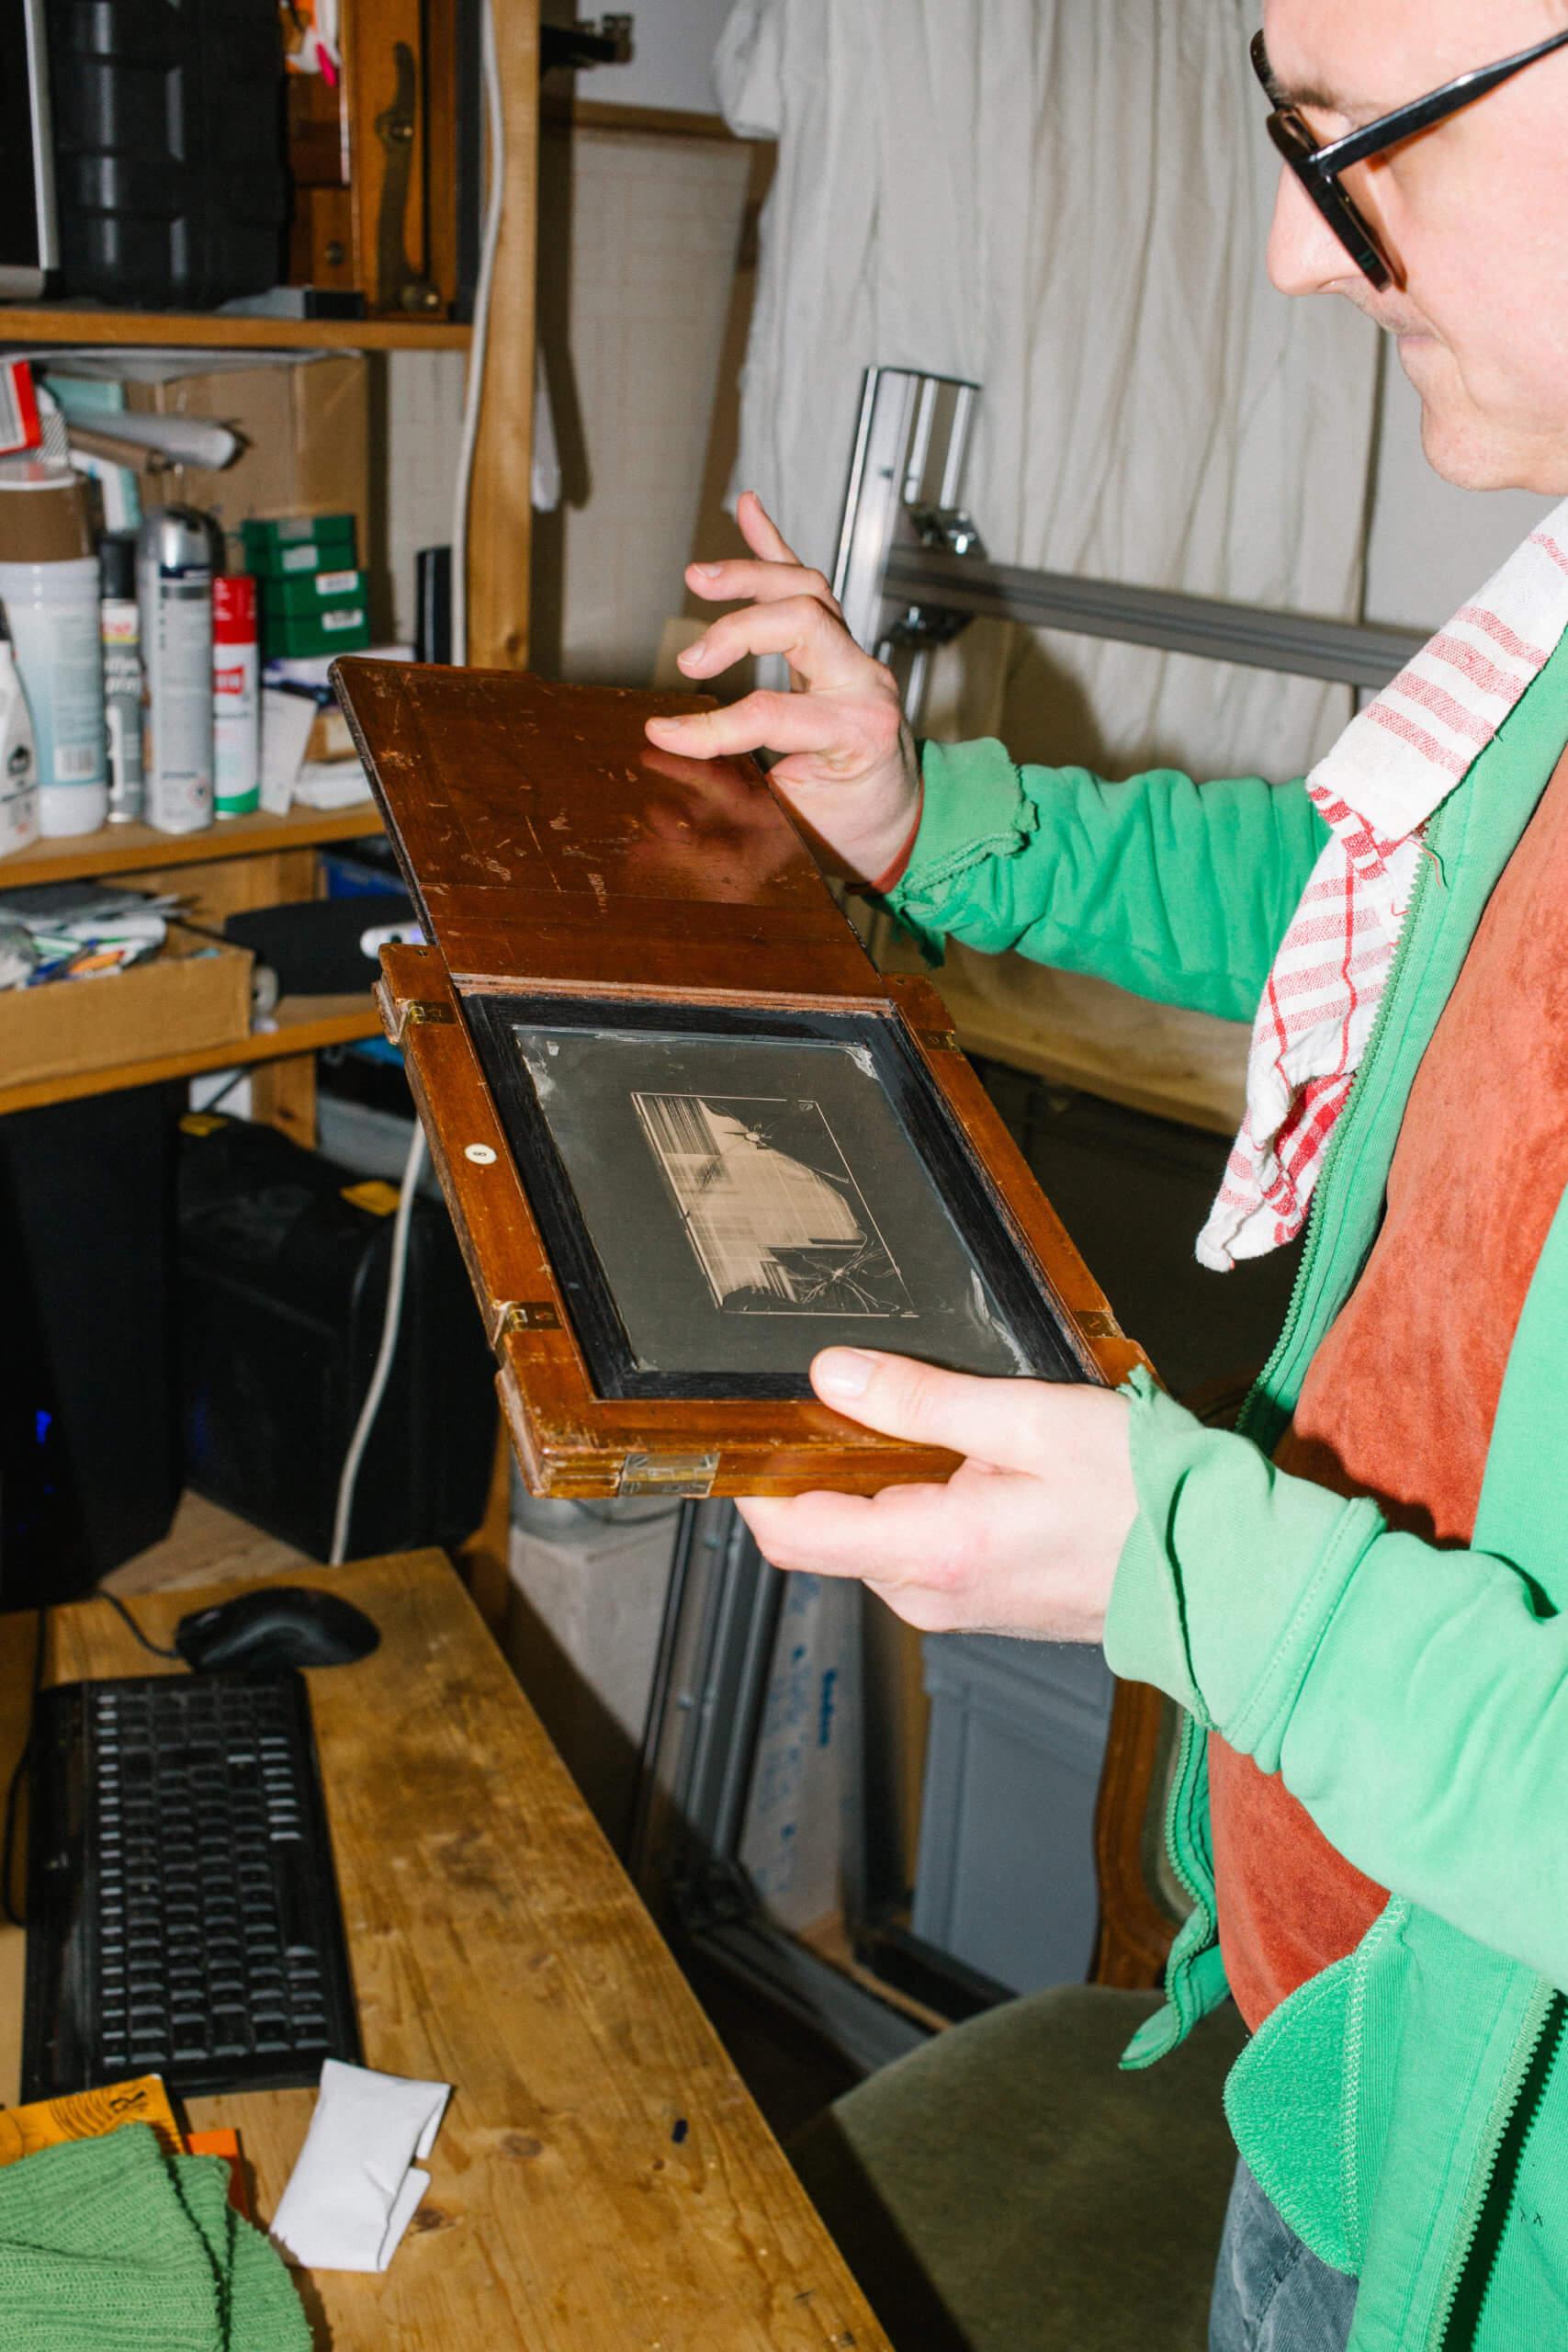 Florian Betz hält ein kleines Kunstwrk in seinen Händen. Es ist ein kleiner Siebträger für Siebdruck in einer Holzschachtel